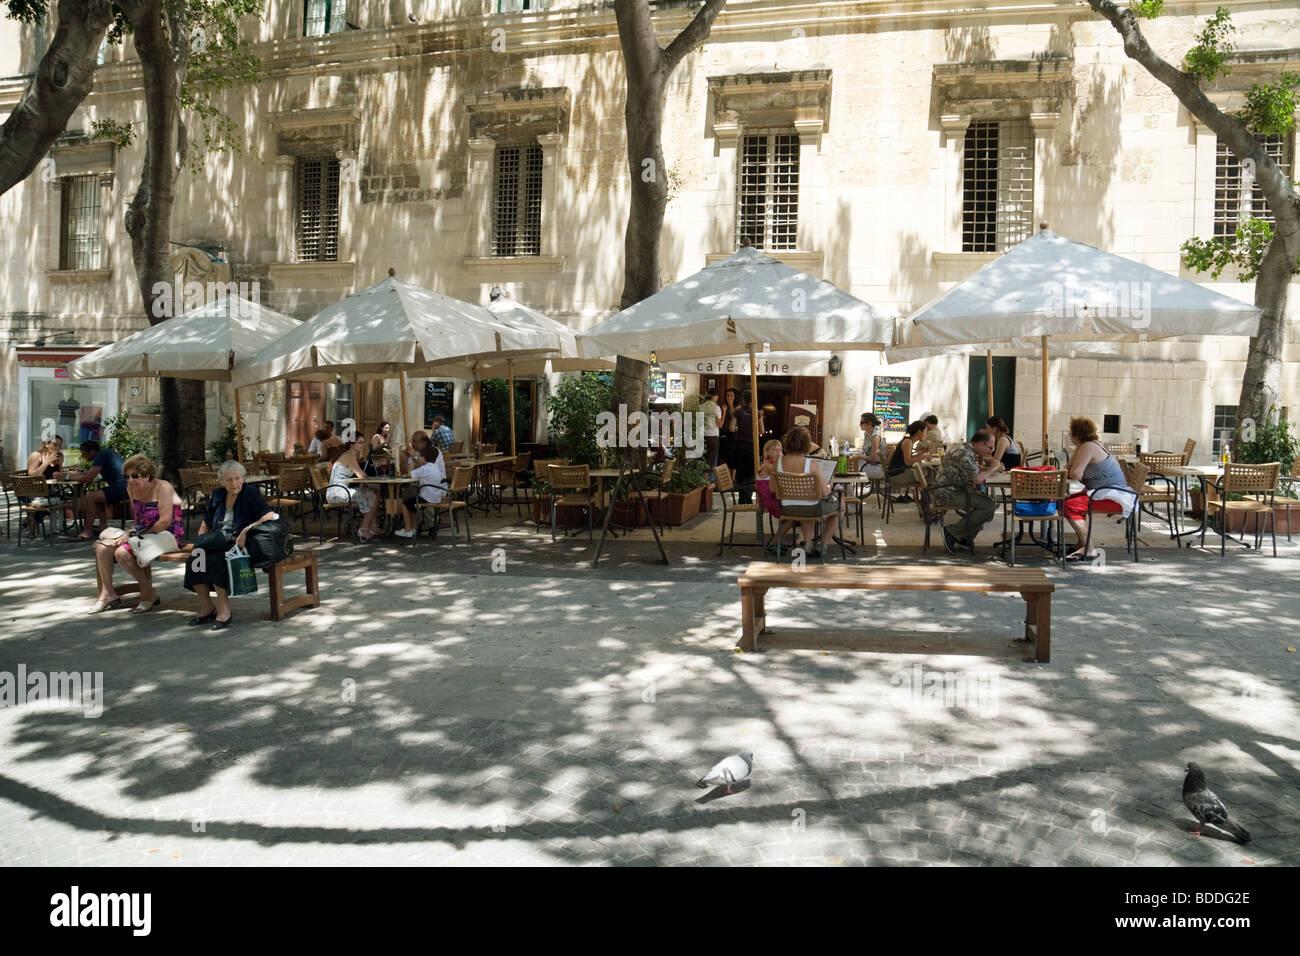 Street scene, Valletta, Malta - Stock Image